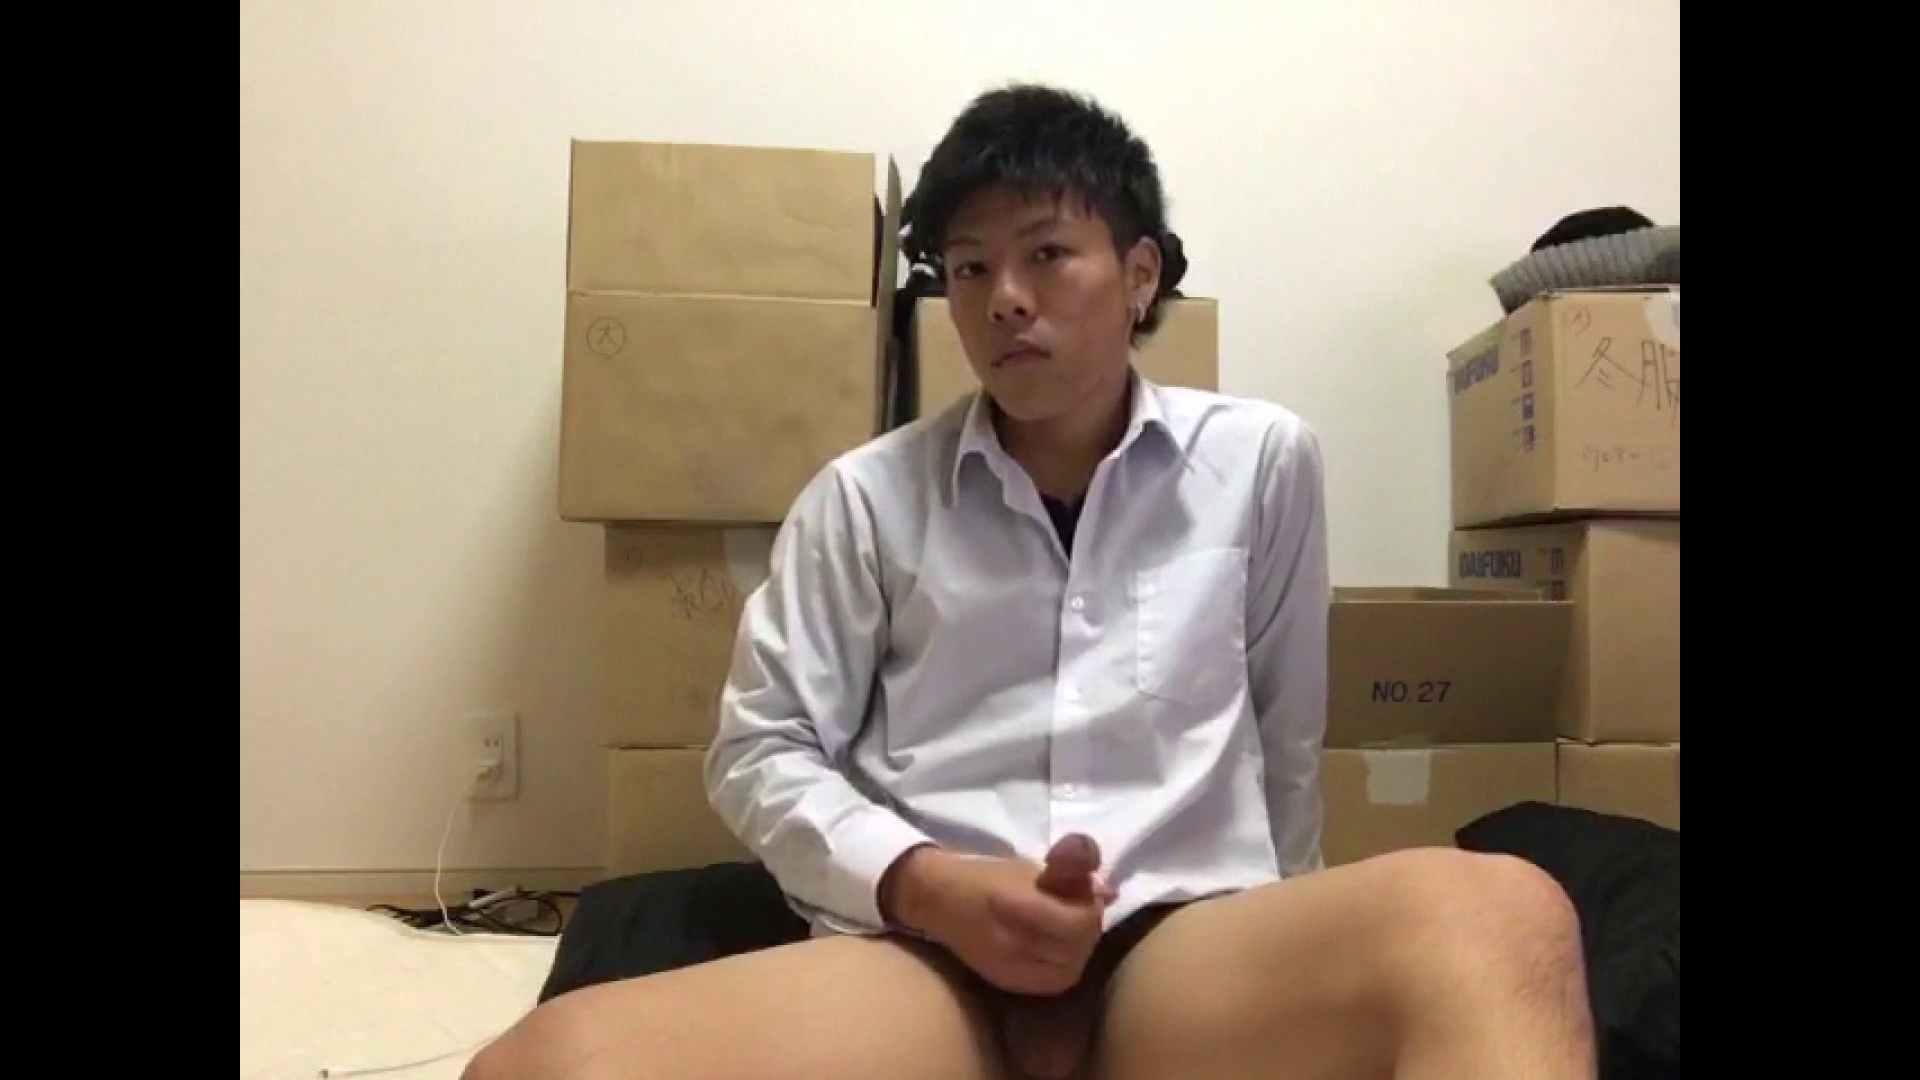 個人撮影 自慰の極意 Vol.1 オナニー専門男子 尻マンコ画像 75画像 22